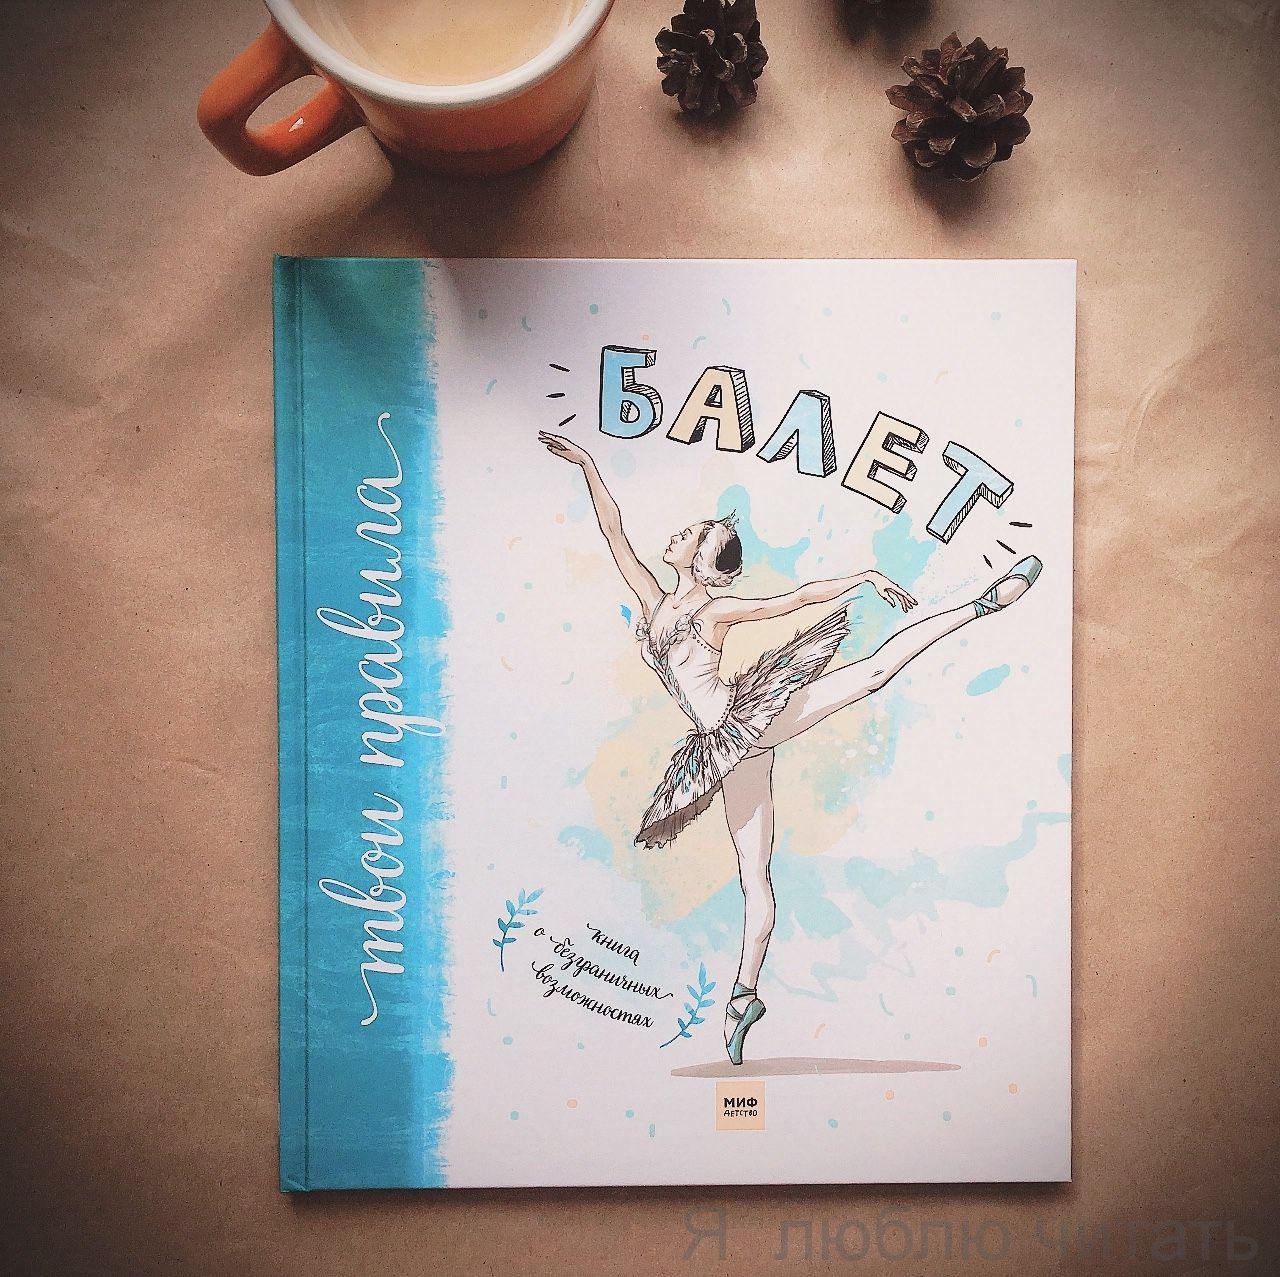 Балет. Книга о безграничных возможностях.